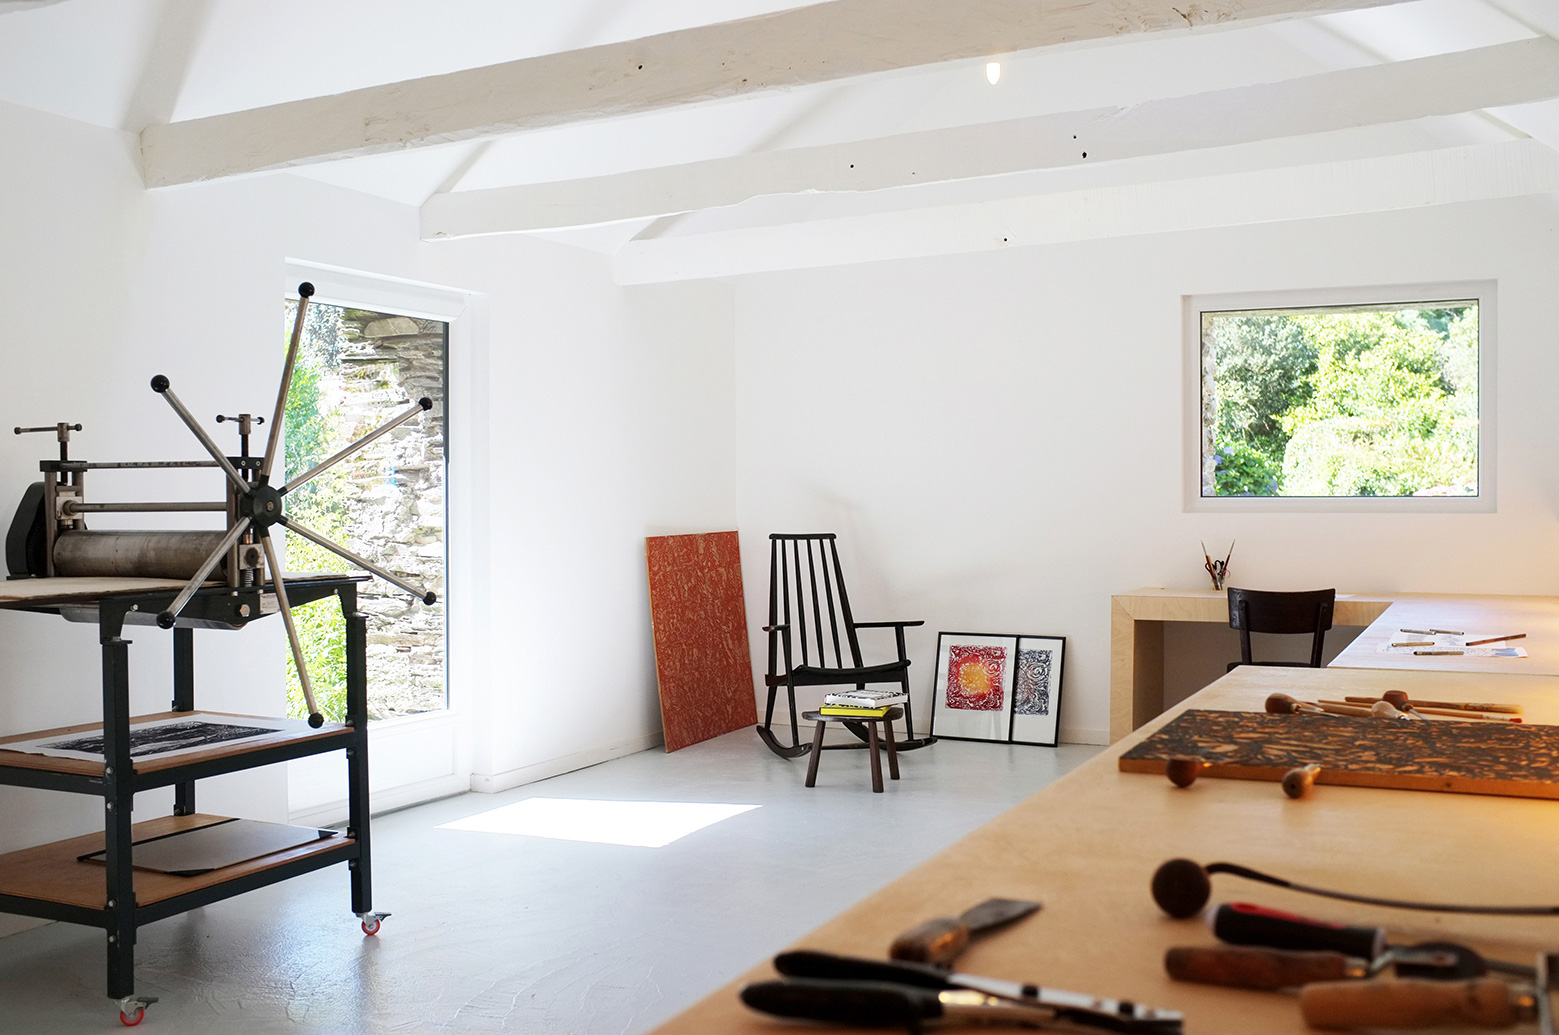 Atelier d'Artiste / Modal Architecture (14)